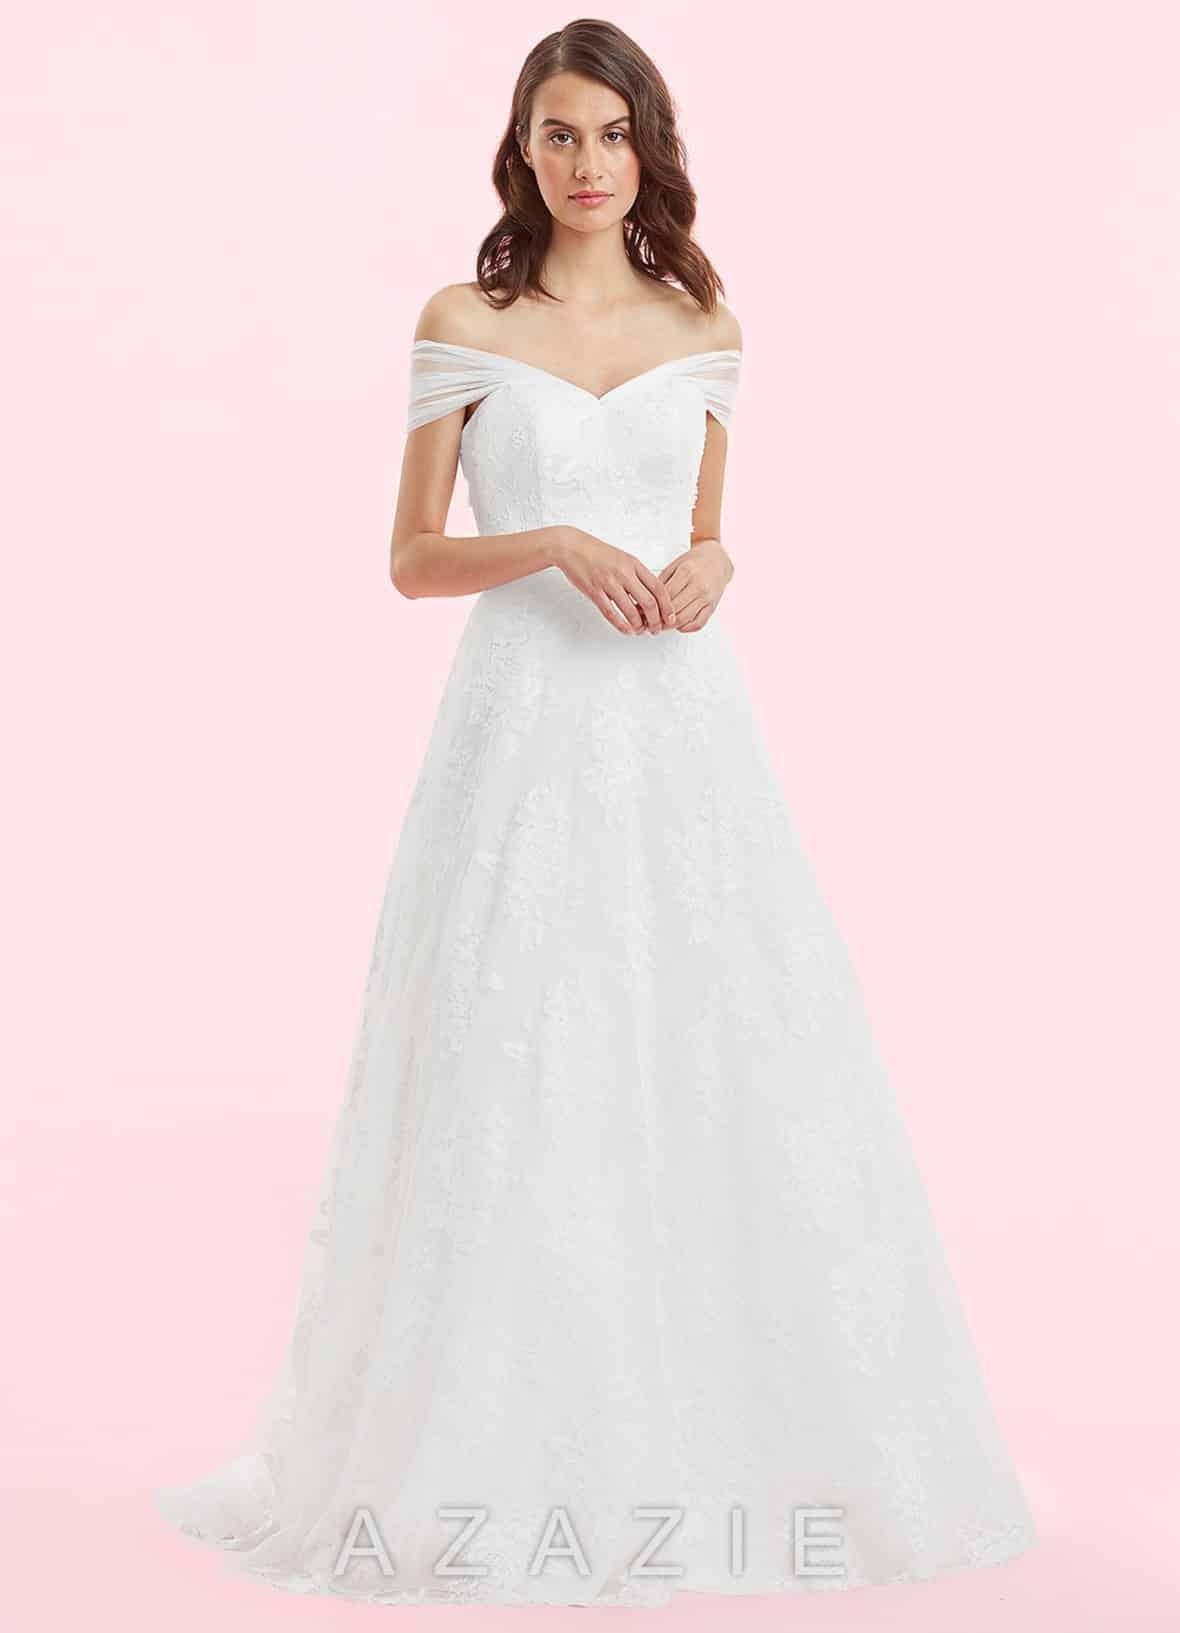 Azazie - Jillian Dress - $249